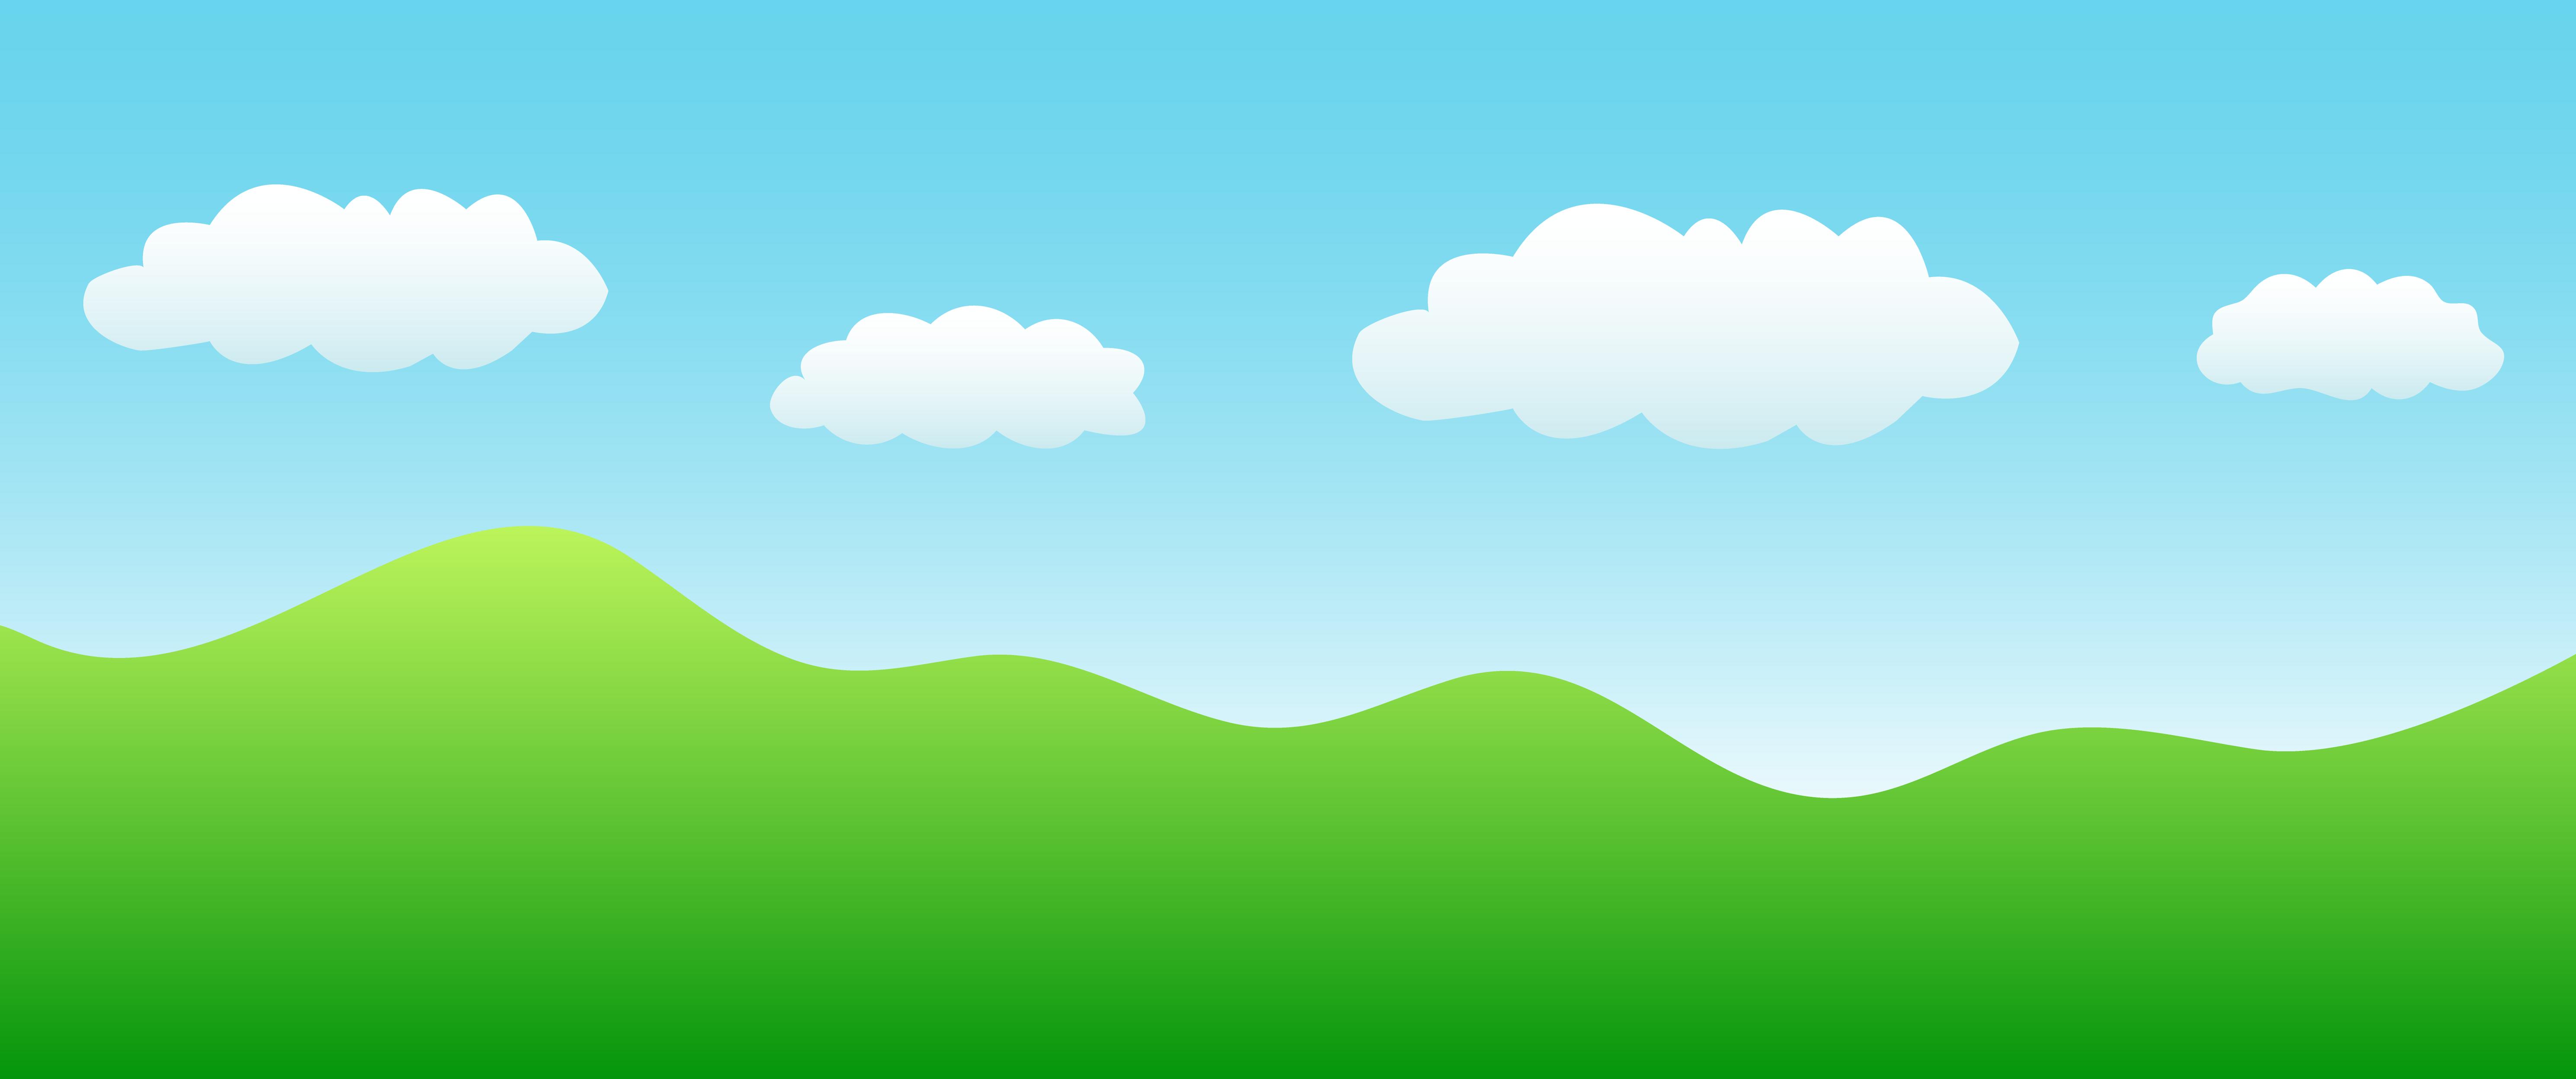 Sky clipart Images Clipart Landscaping Clipart landscape%20clipart